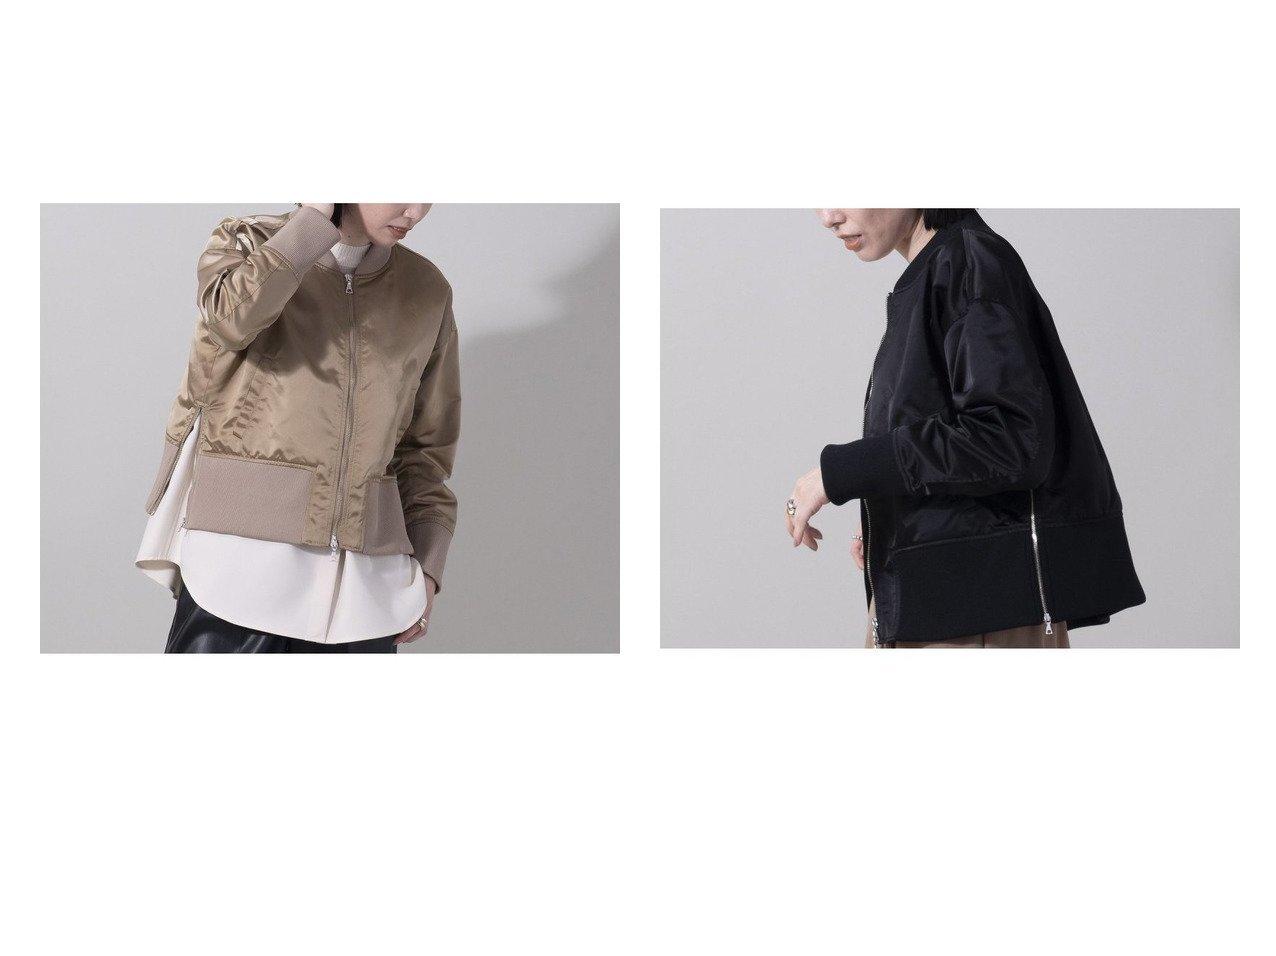 【EUCLAID/エウクレイド】のレイヤード風MA-1ブルゾン アウターのおすすめ!人気、レディースファッションの通販 おすすめファッション通販アイテム インテリア・キッズ・メンズ・レディースファッション・服の通販 founy(ファニー) ファッション Fashion レディース WOMEN アウター Coat Outerwear コート Coats ジャケット Jackets ブルゾン Blouson Jackets MA-1 MA-1 シンプル ジャケット バランス フォルム ブルゾン ボトム ミリタリー ベージュ系 Beige ブラック系 Black |ID:crp329100000004752